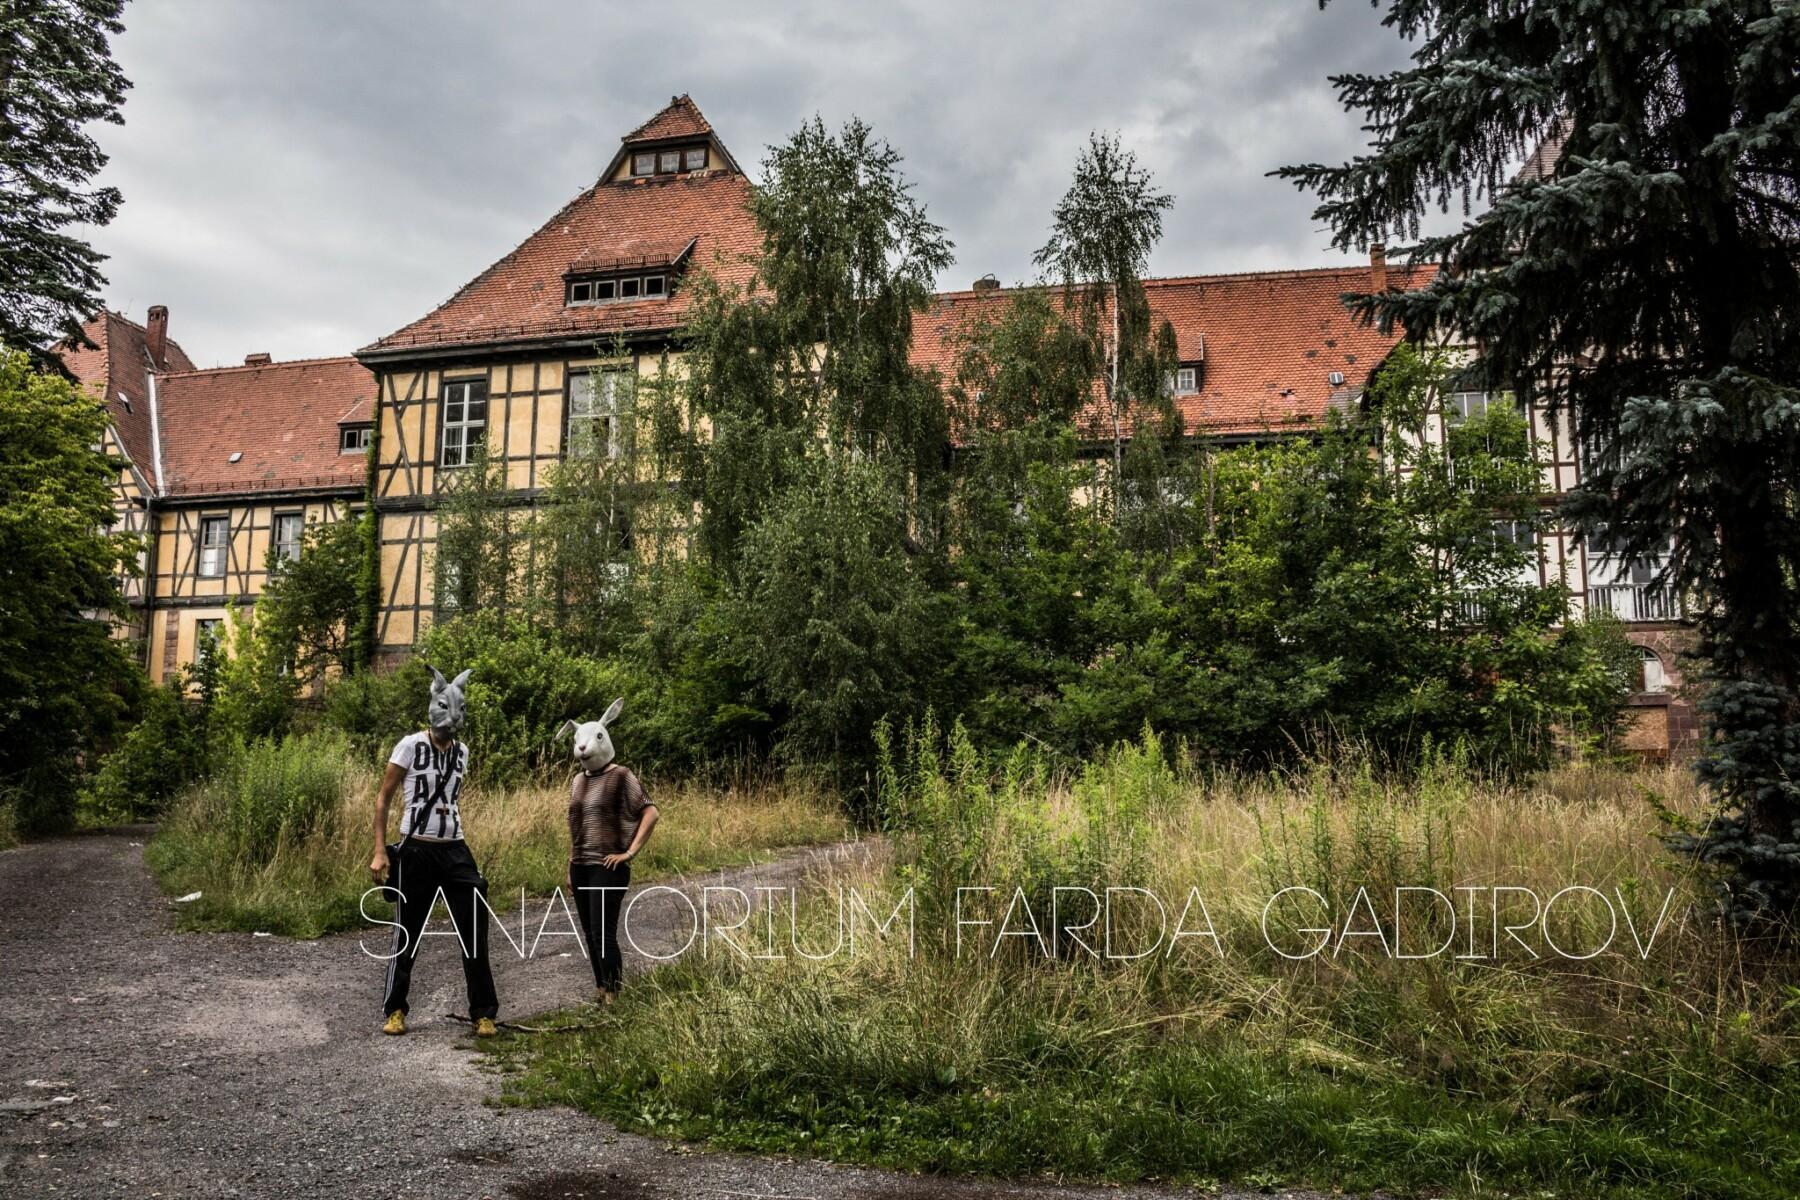 sanatorium-farda-gadirov-0